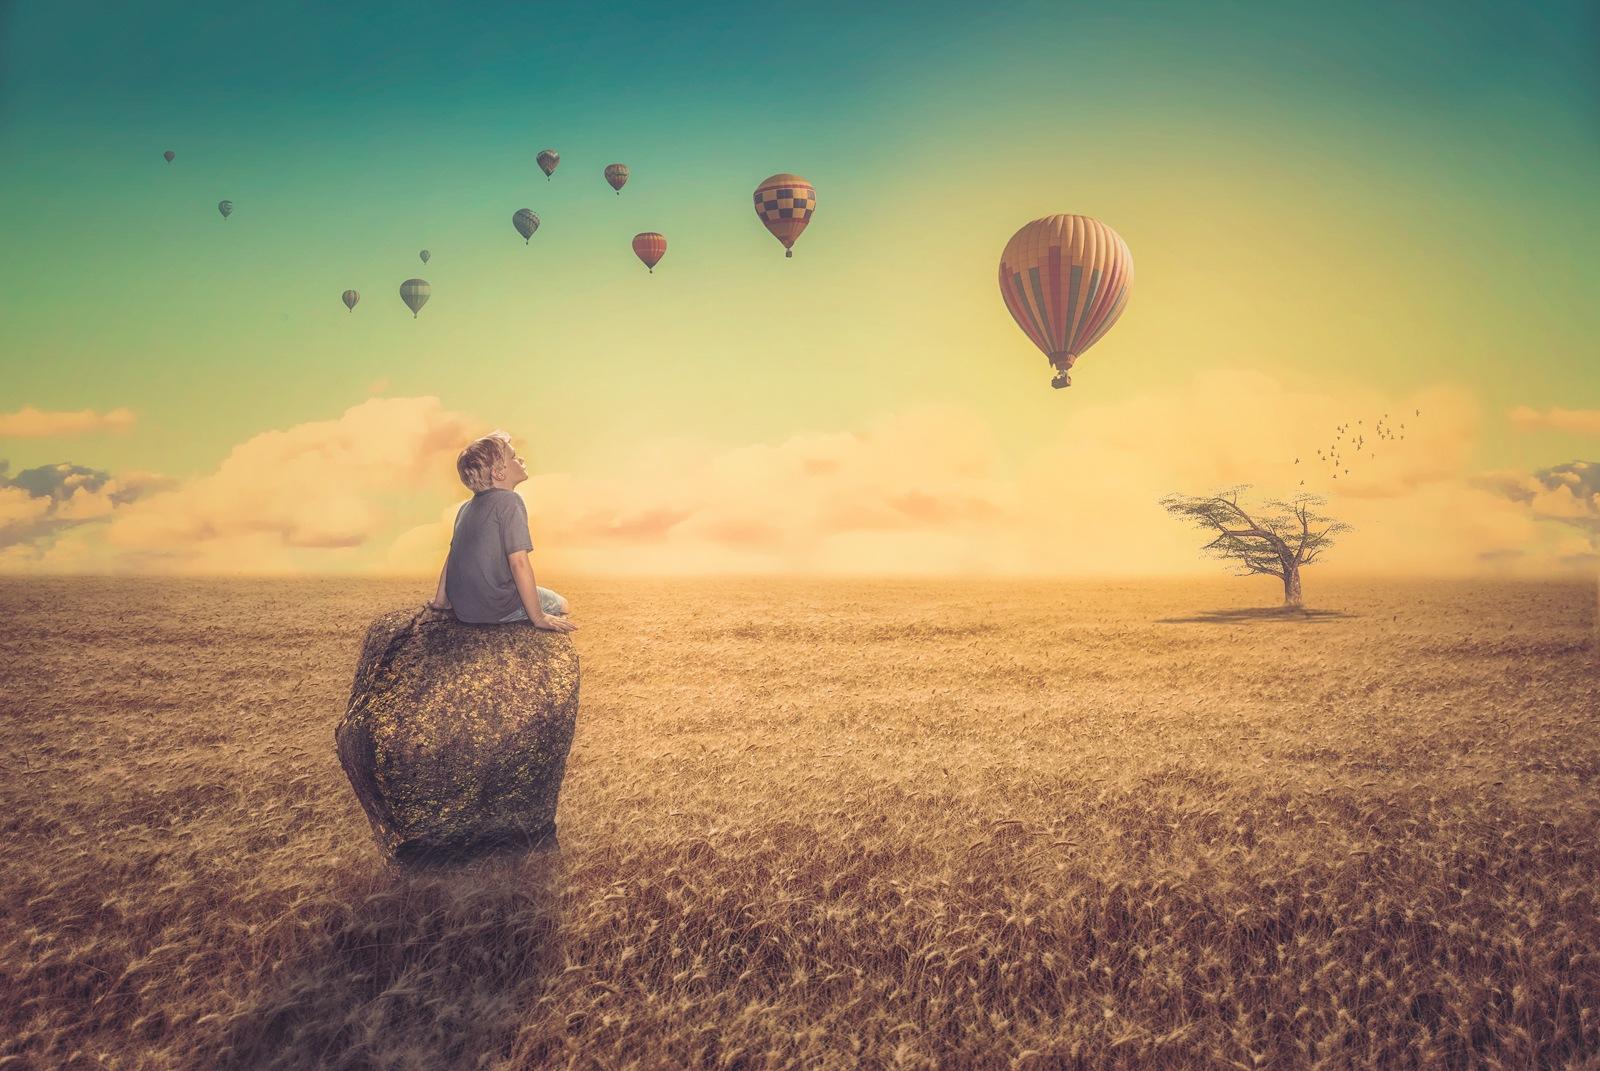 Fly away! by Rosana